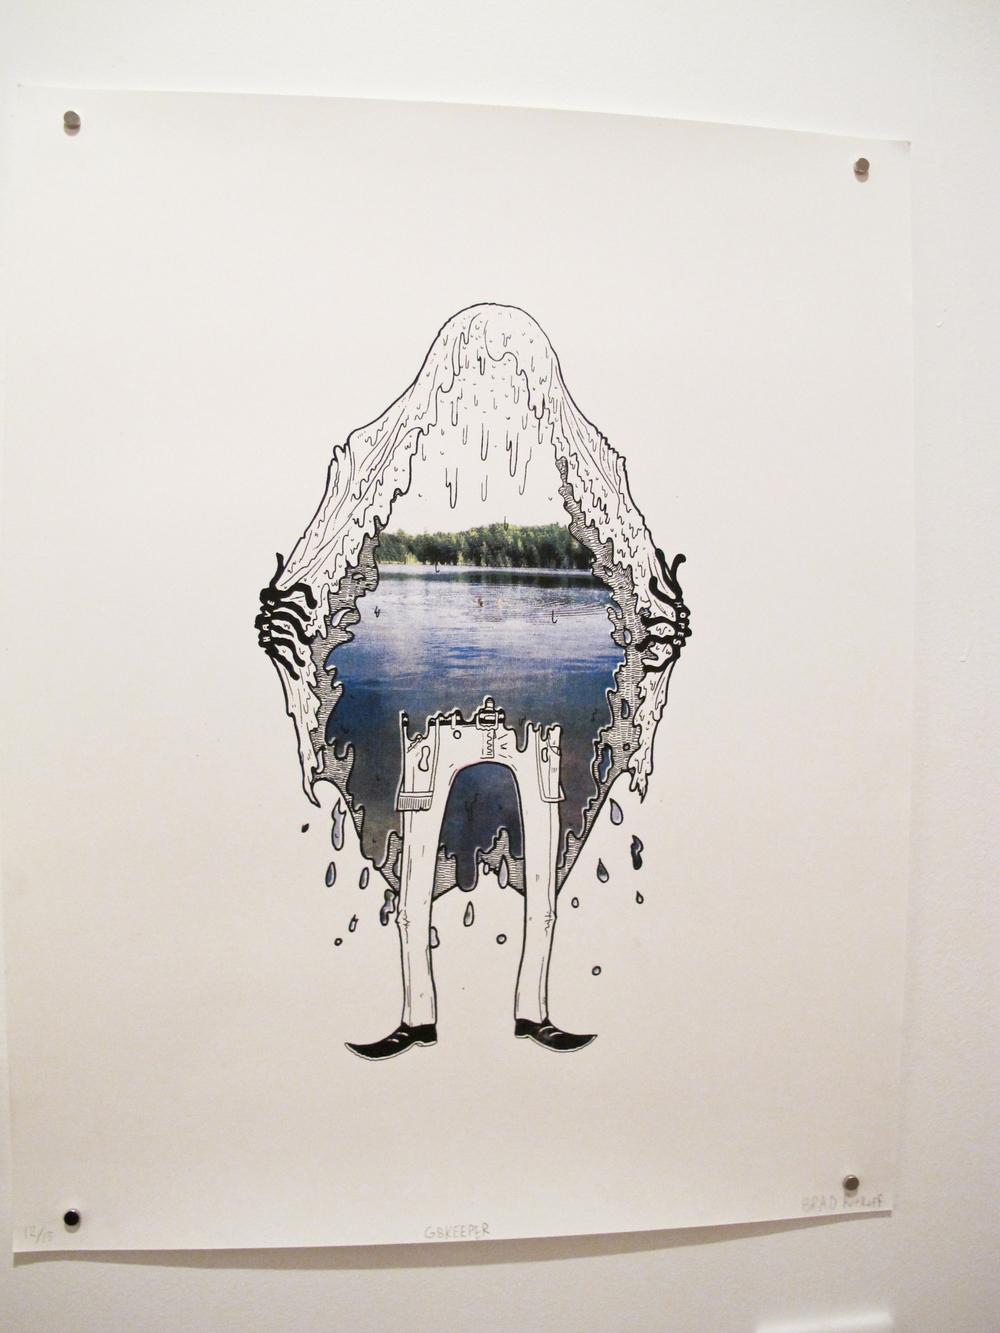 Aer by Brad Rohloff